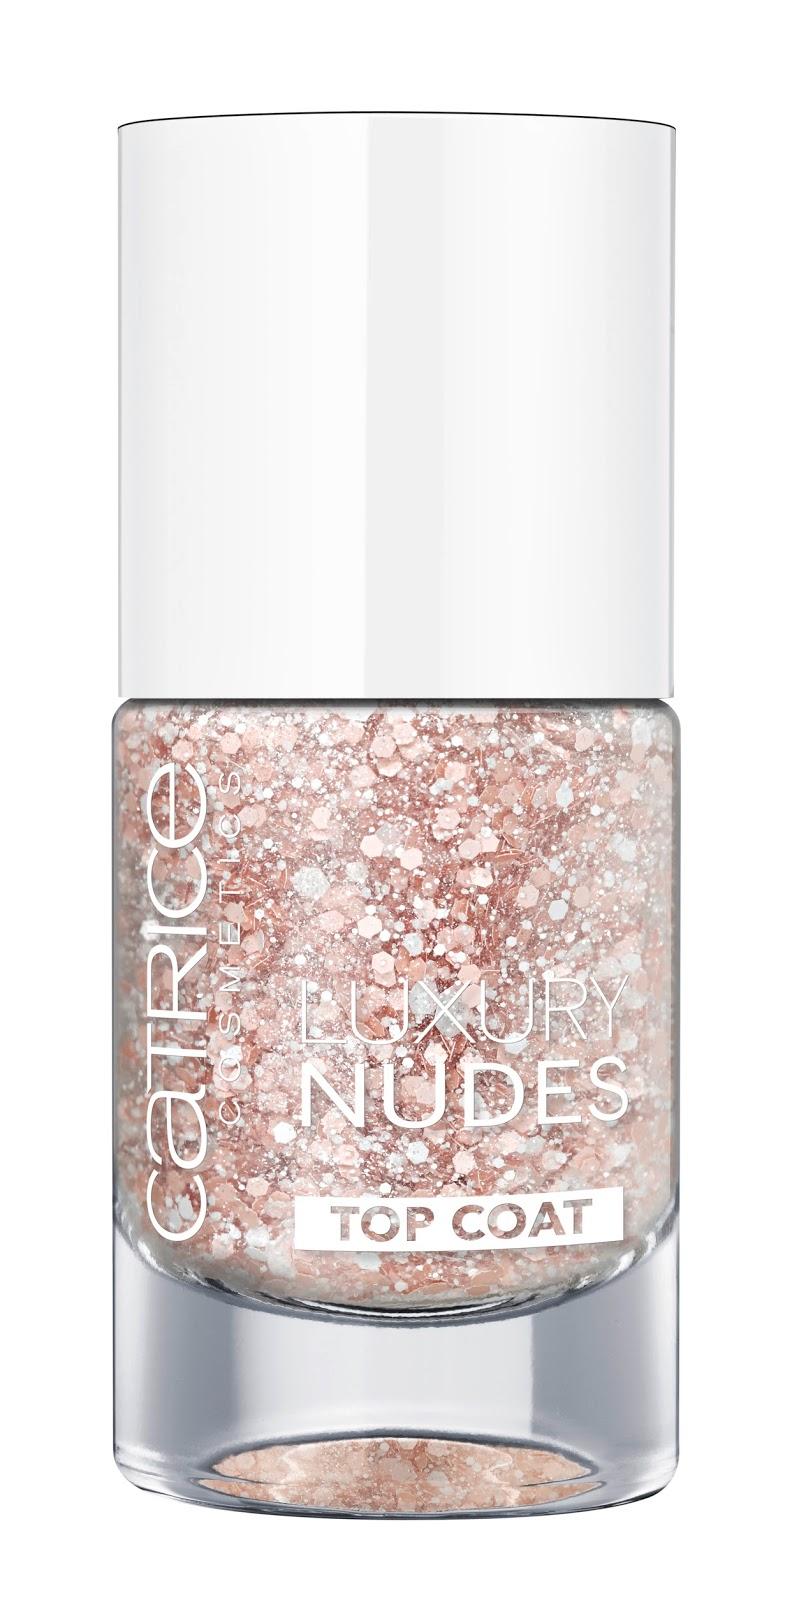 Catrice - Luxury Nudes